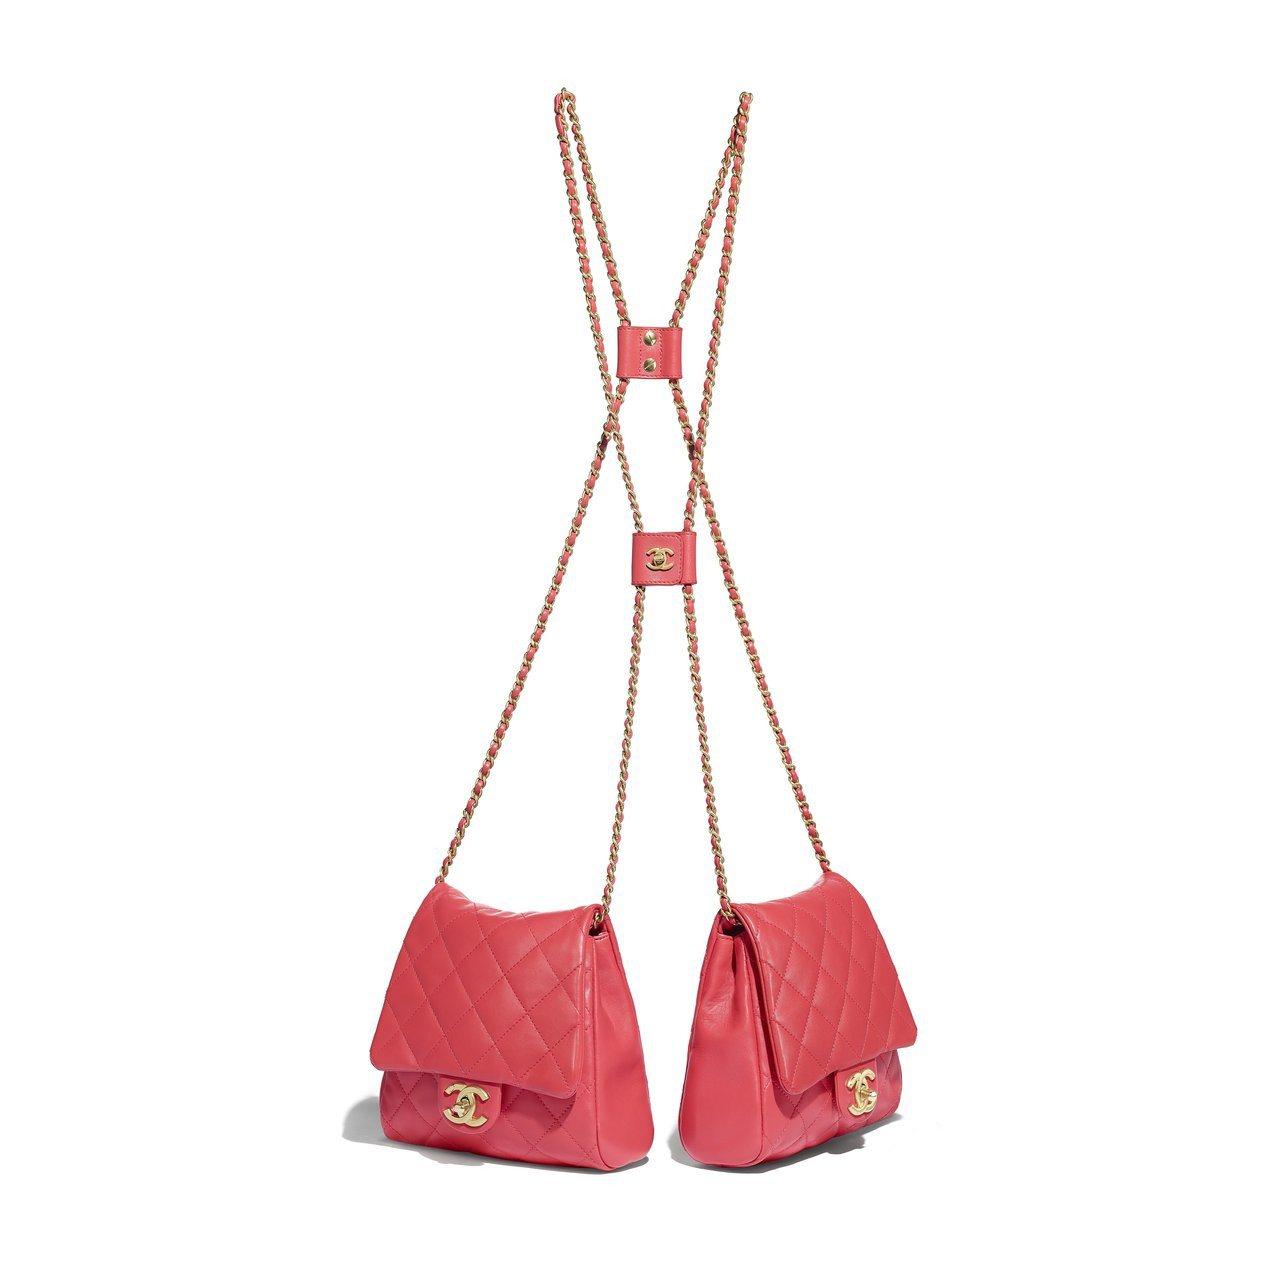 珊瑚橘釦式鏈帶雙包(小款),21萬6,800元。圖/香奈兒提供